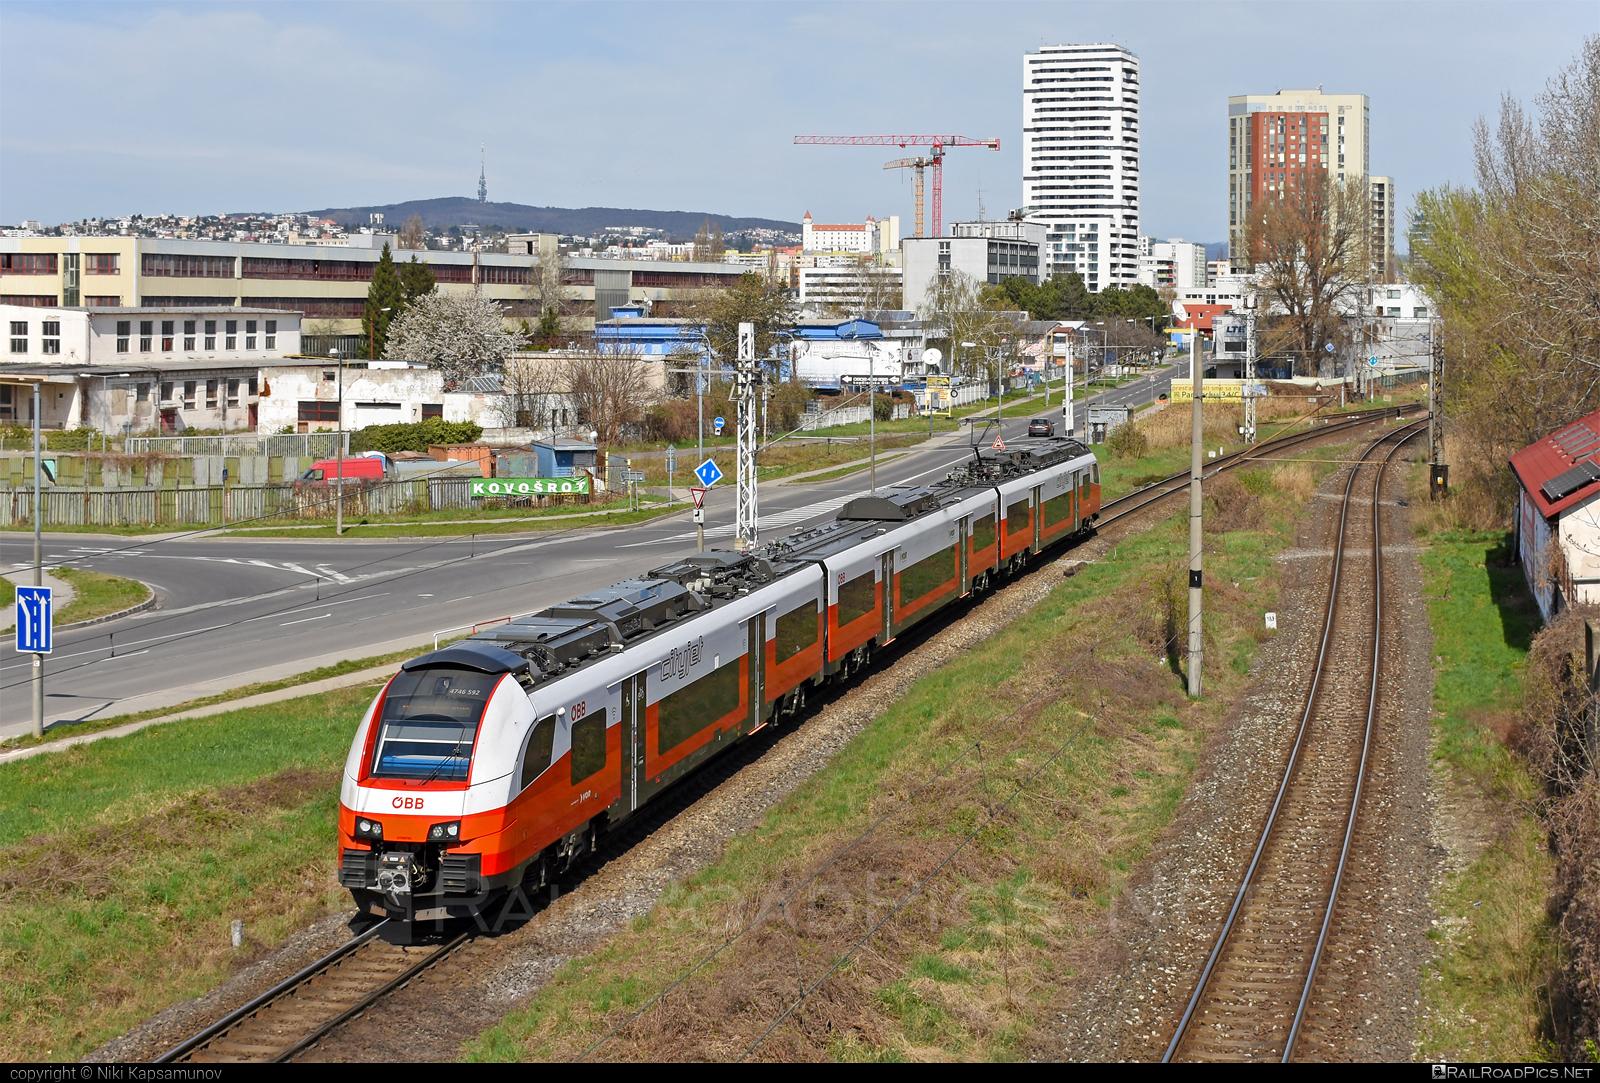 Siemens Desiro ML - 4746 592 operated by Österreichische Bundesbahnen #cityjet #desiro #desiroml #obb #obbcityjet #osterreichischebundesbahnen #siemens #siemensdesiro #siemensdesiroml